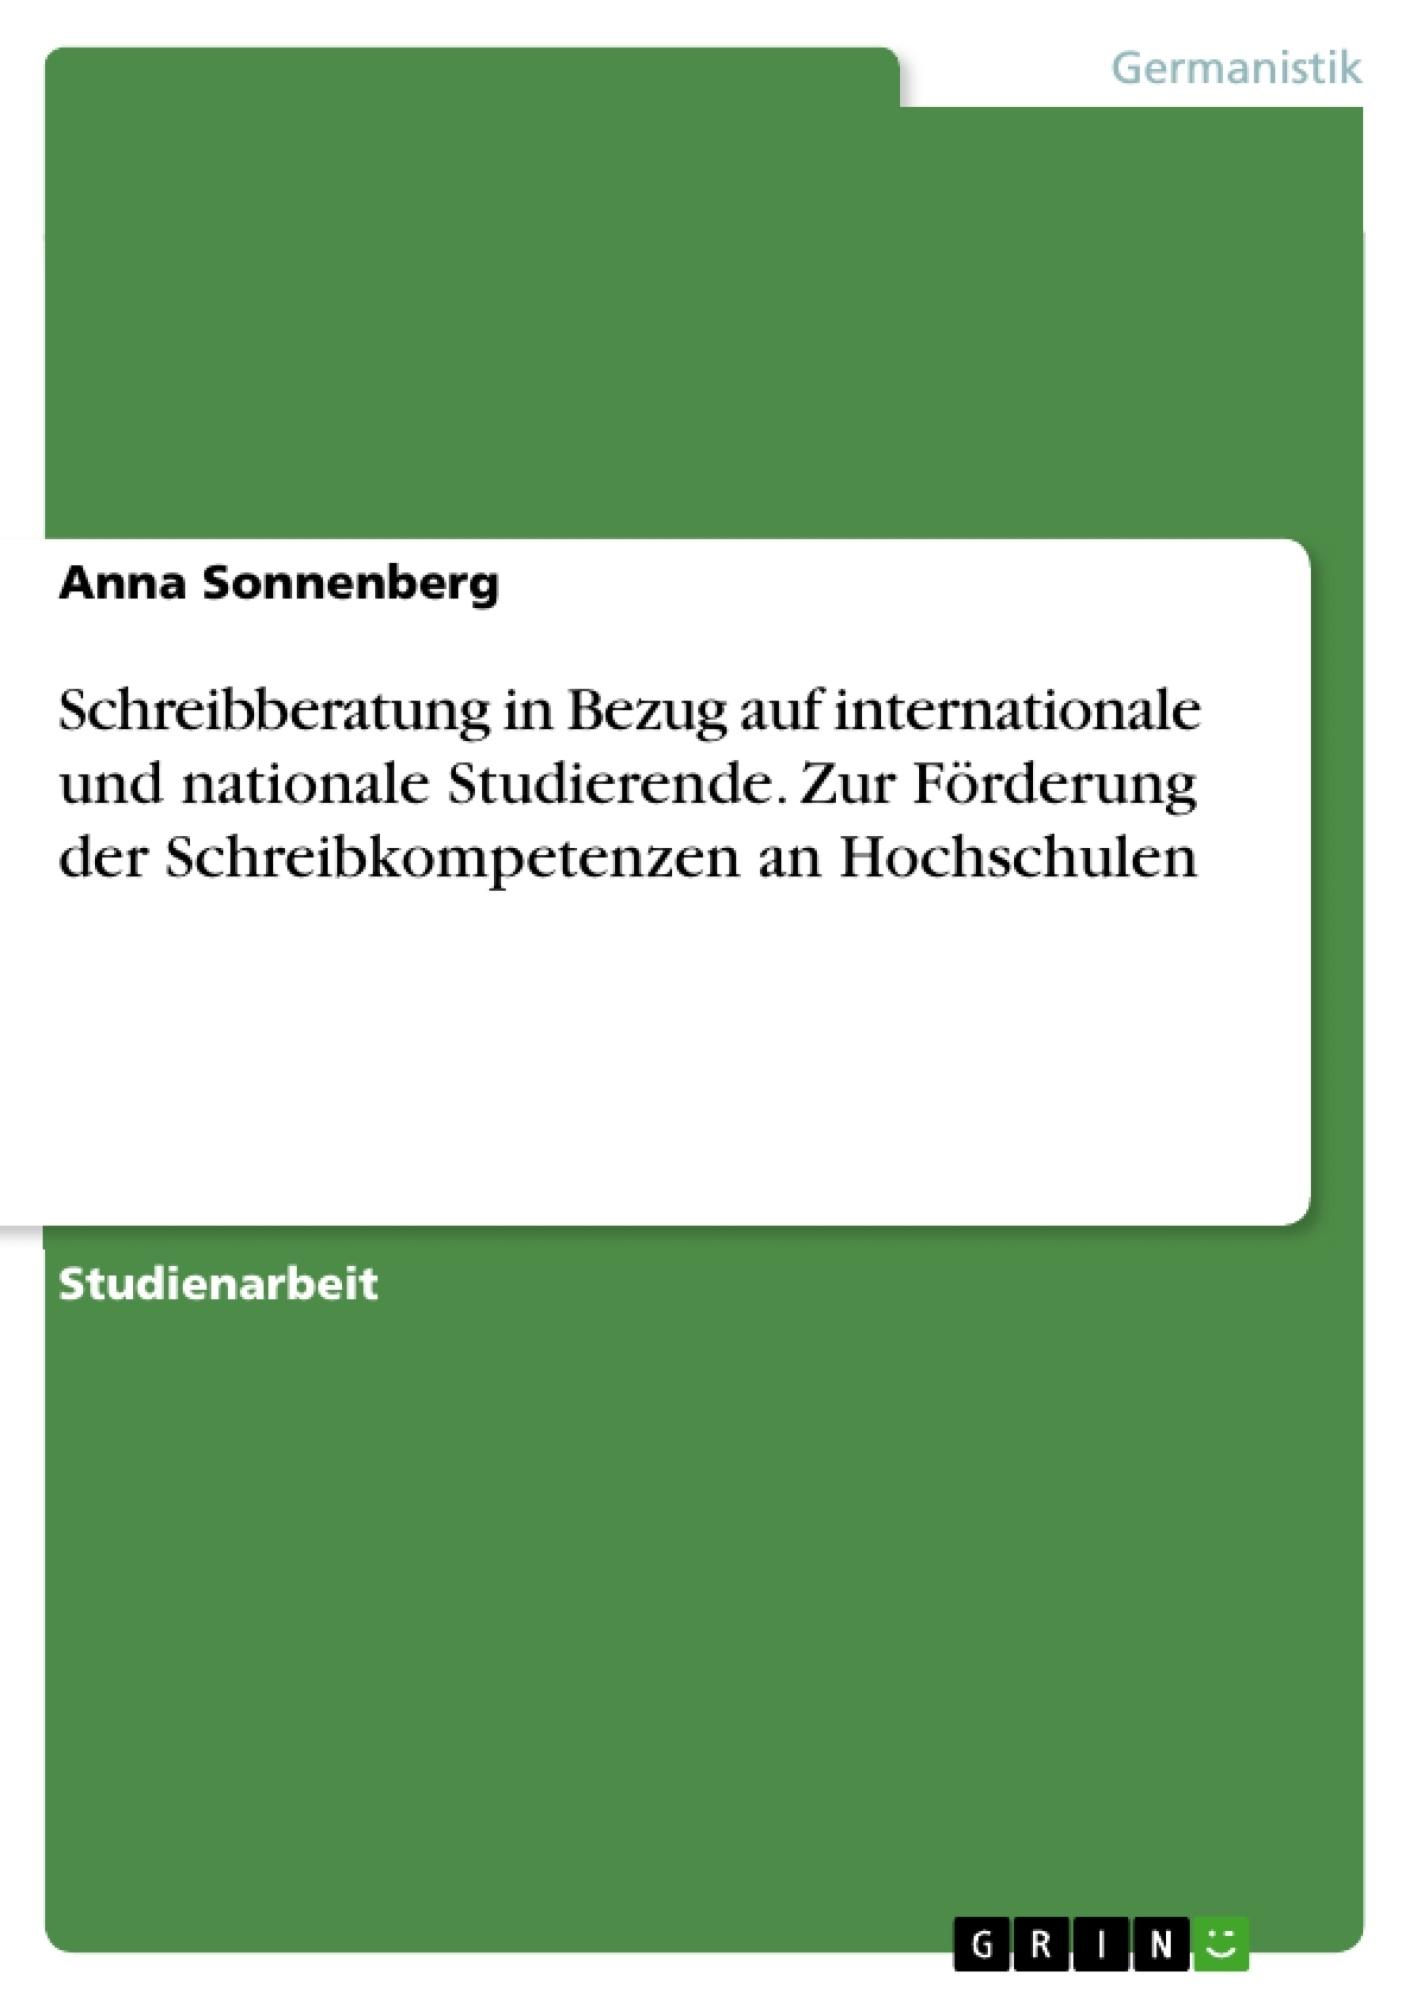 Titel: Schreibberatung in Bezug auf internationale und nationale Studierende. Zur Förderung der Schreibkompetenzen an Hochschulen